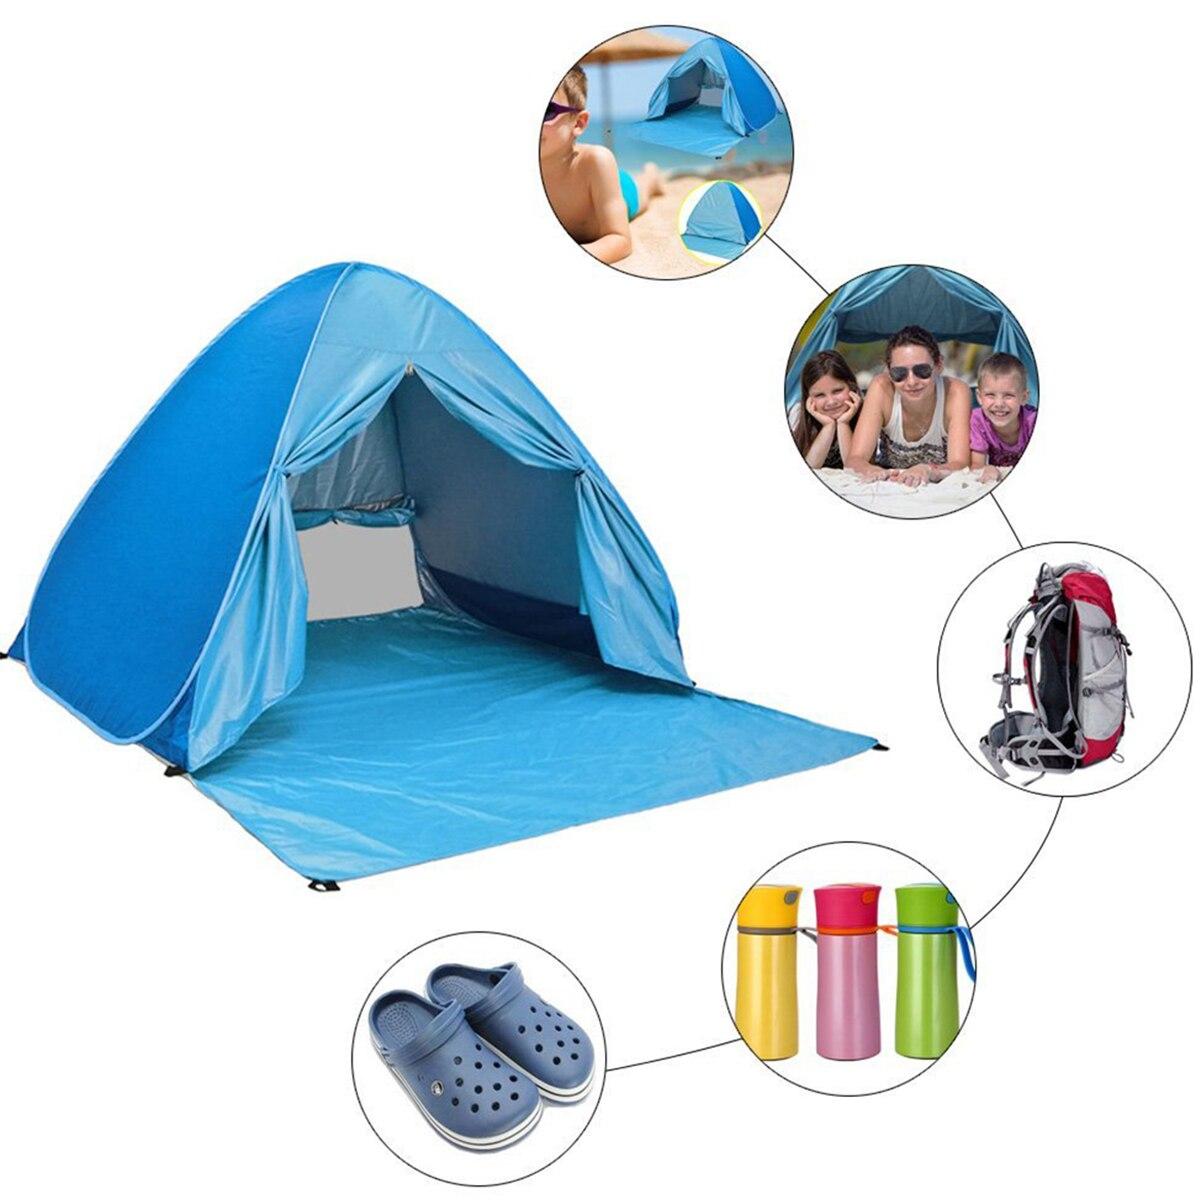 Tente de plage Pop Up Sun Shelter facile Up plage tente soleil ombre abris auvent Cabana léger plage sac à dos Pop Up tentes